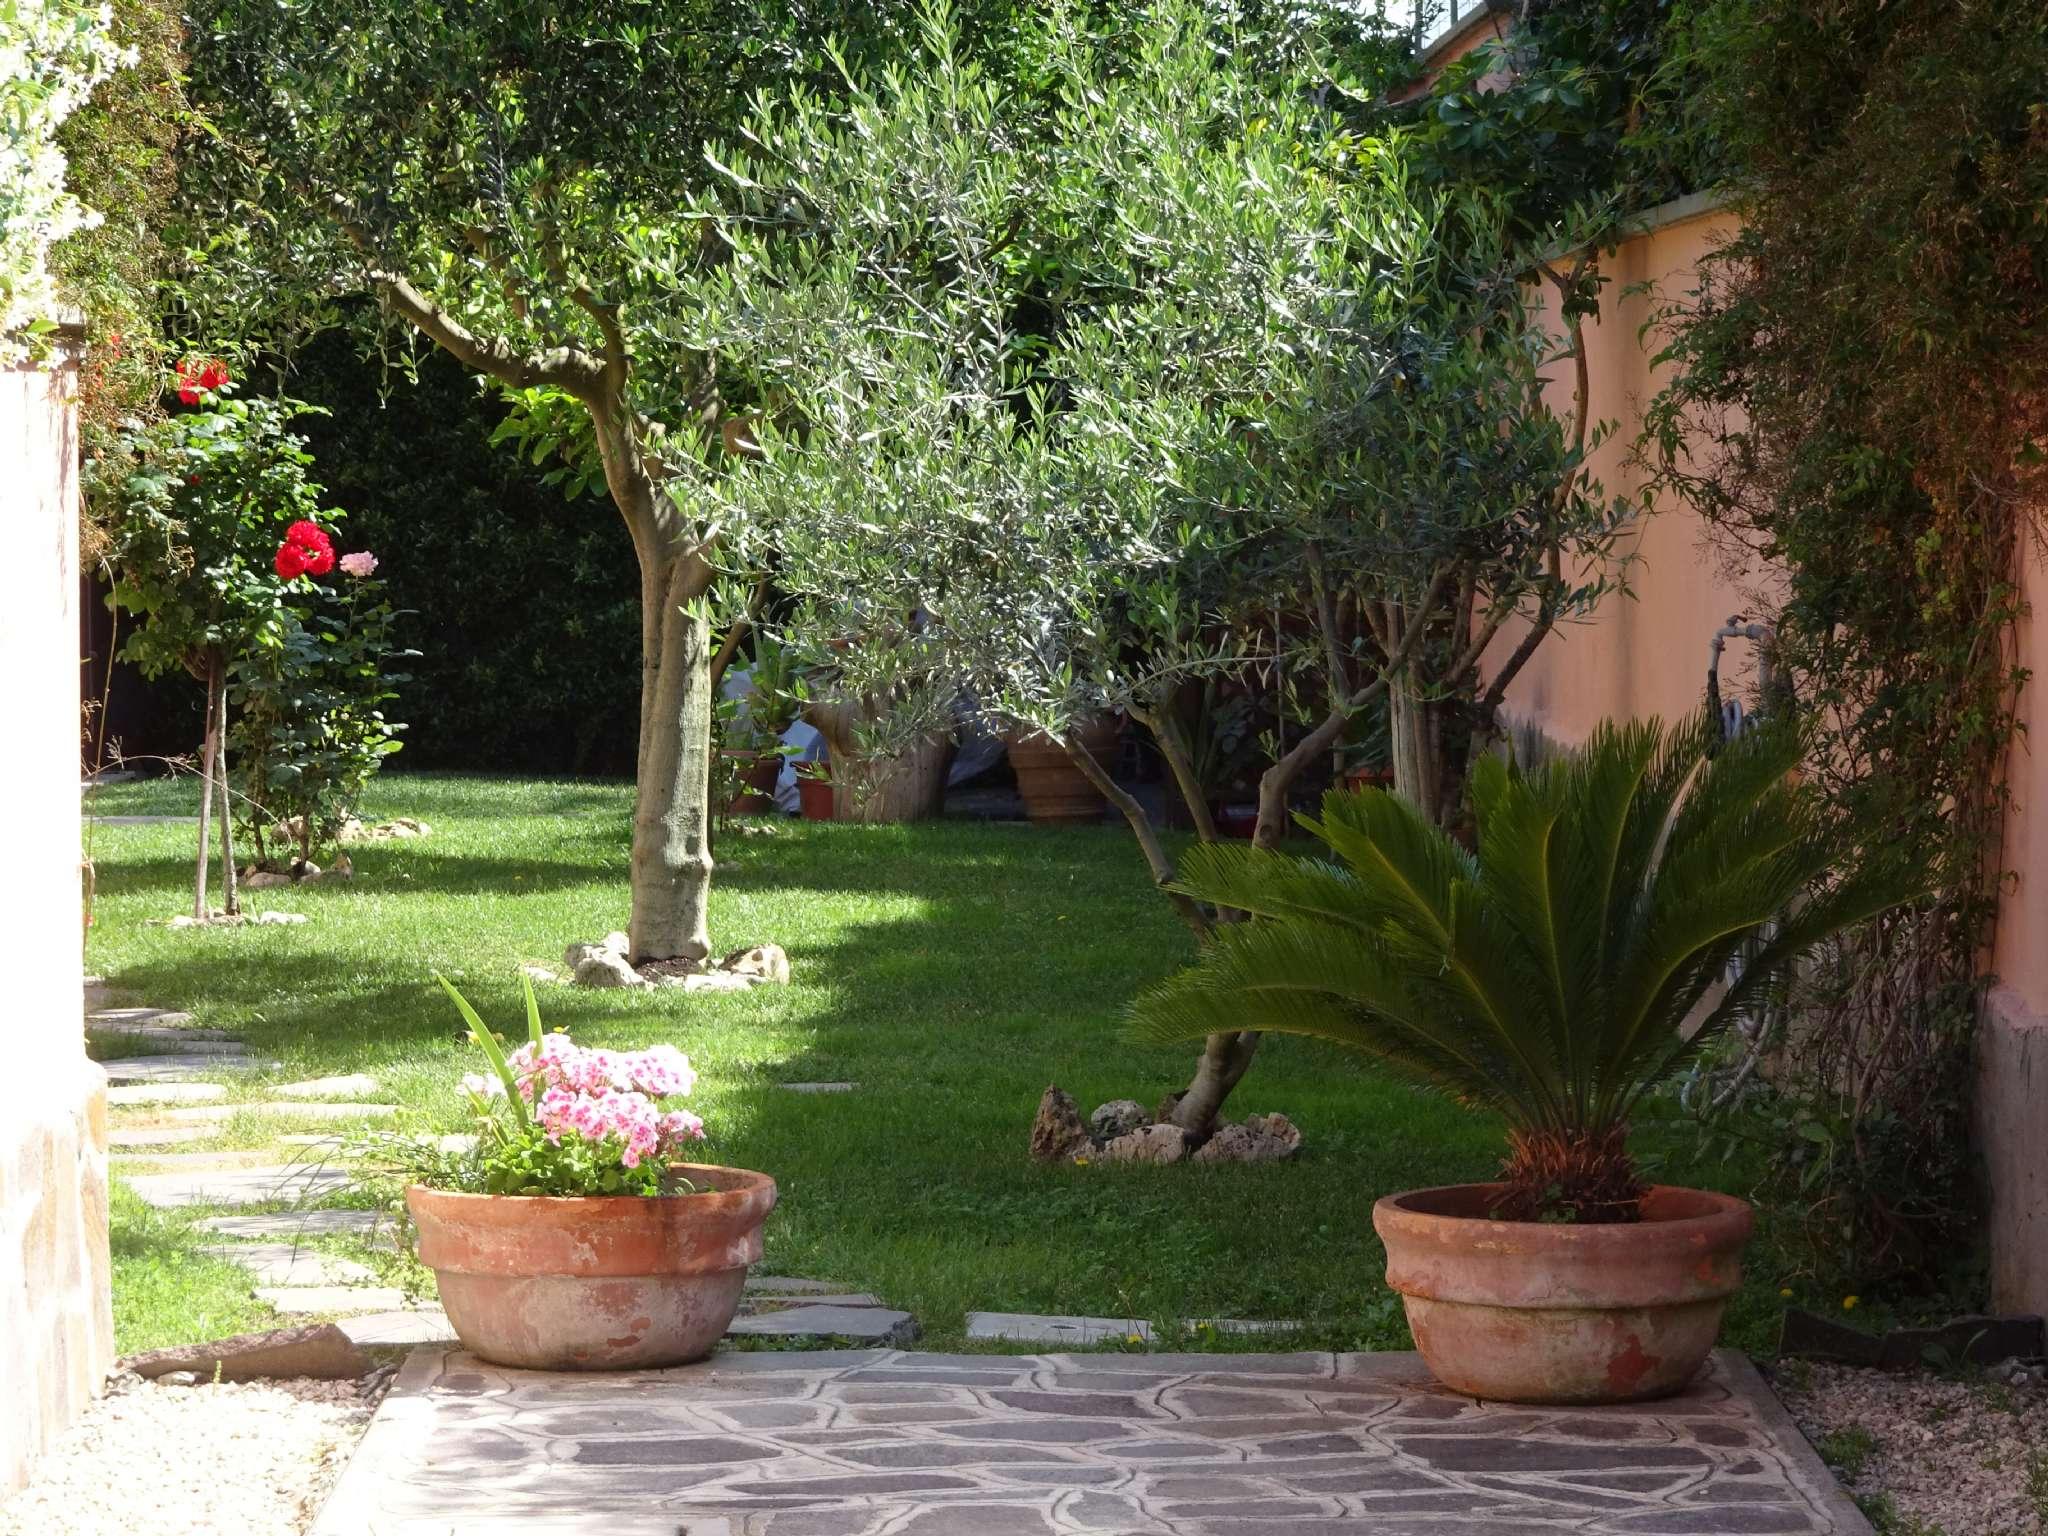 Villa Quadrifamiliare in vendita 5 vani 190 mq.  via ALESSIO OLIVIERI  174 Roma